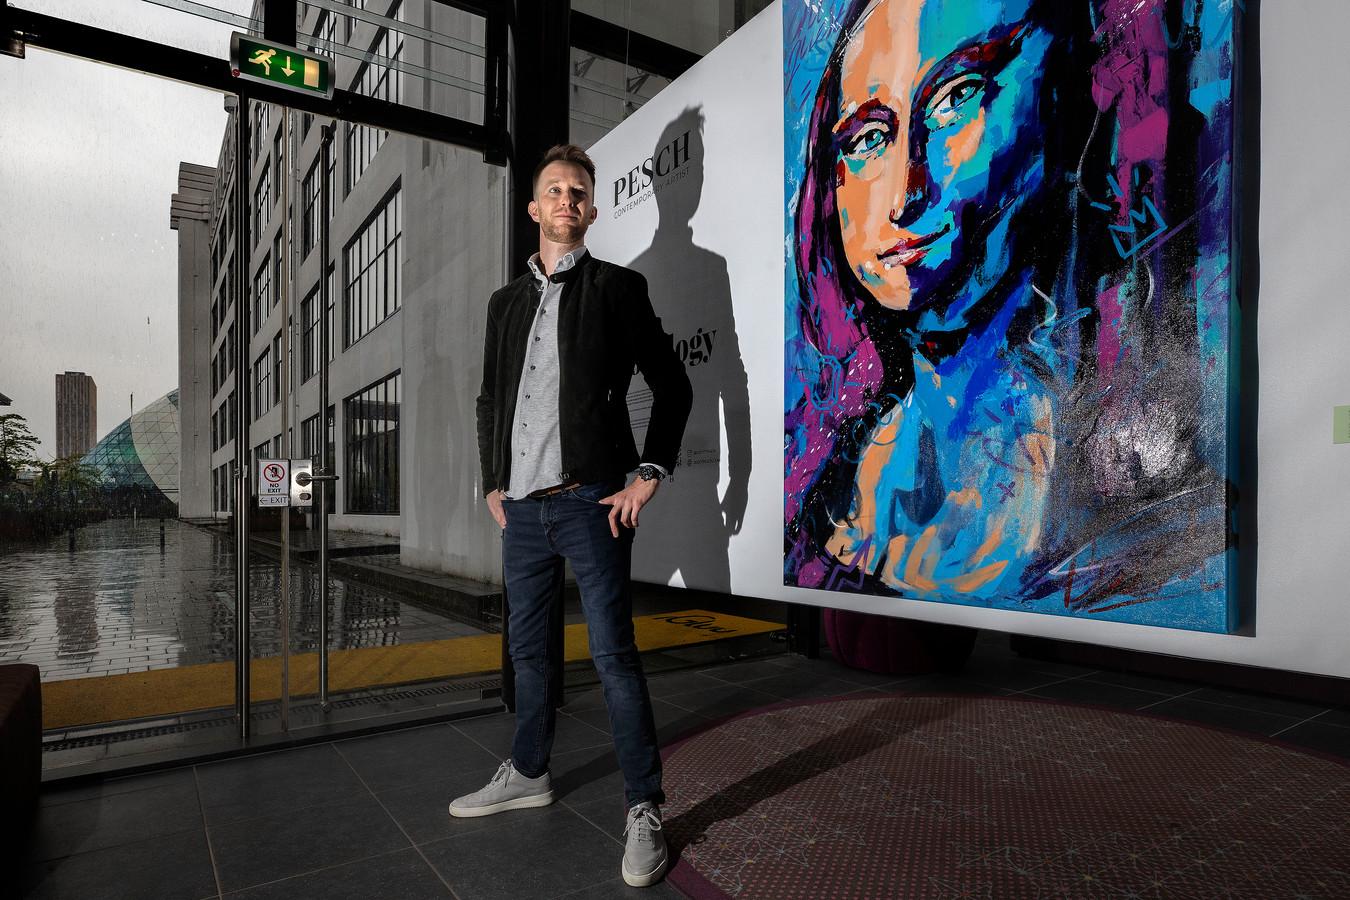 """Kunstenaar Joost Pesch bij zijn 'Mona Lisa' in Inntel Hotels Art Eindhoven. ,,Als kunstenaar moet je opvallen en de kijker een positief gevoel geven."""""""